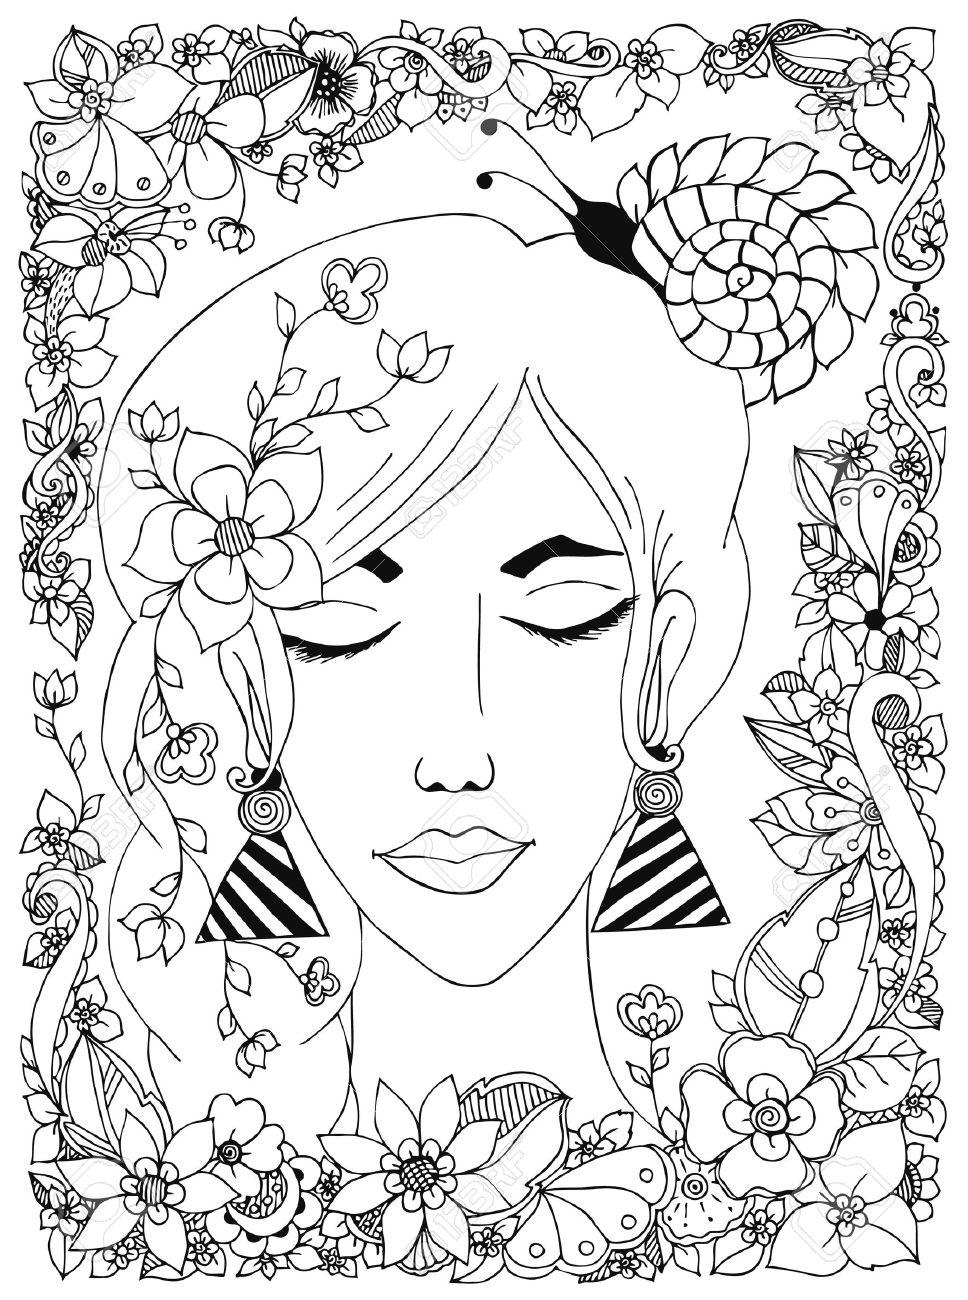 Coloriage Adulte Personnage.Vector Illustration Fille Avec Des Fleurs Et Des Ongles Sur La Tete